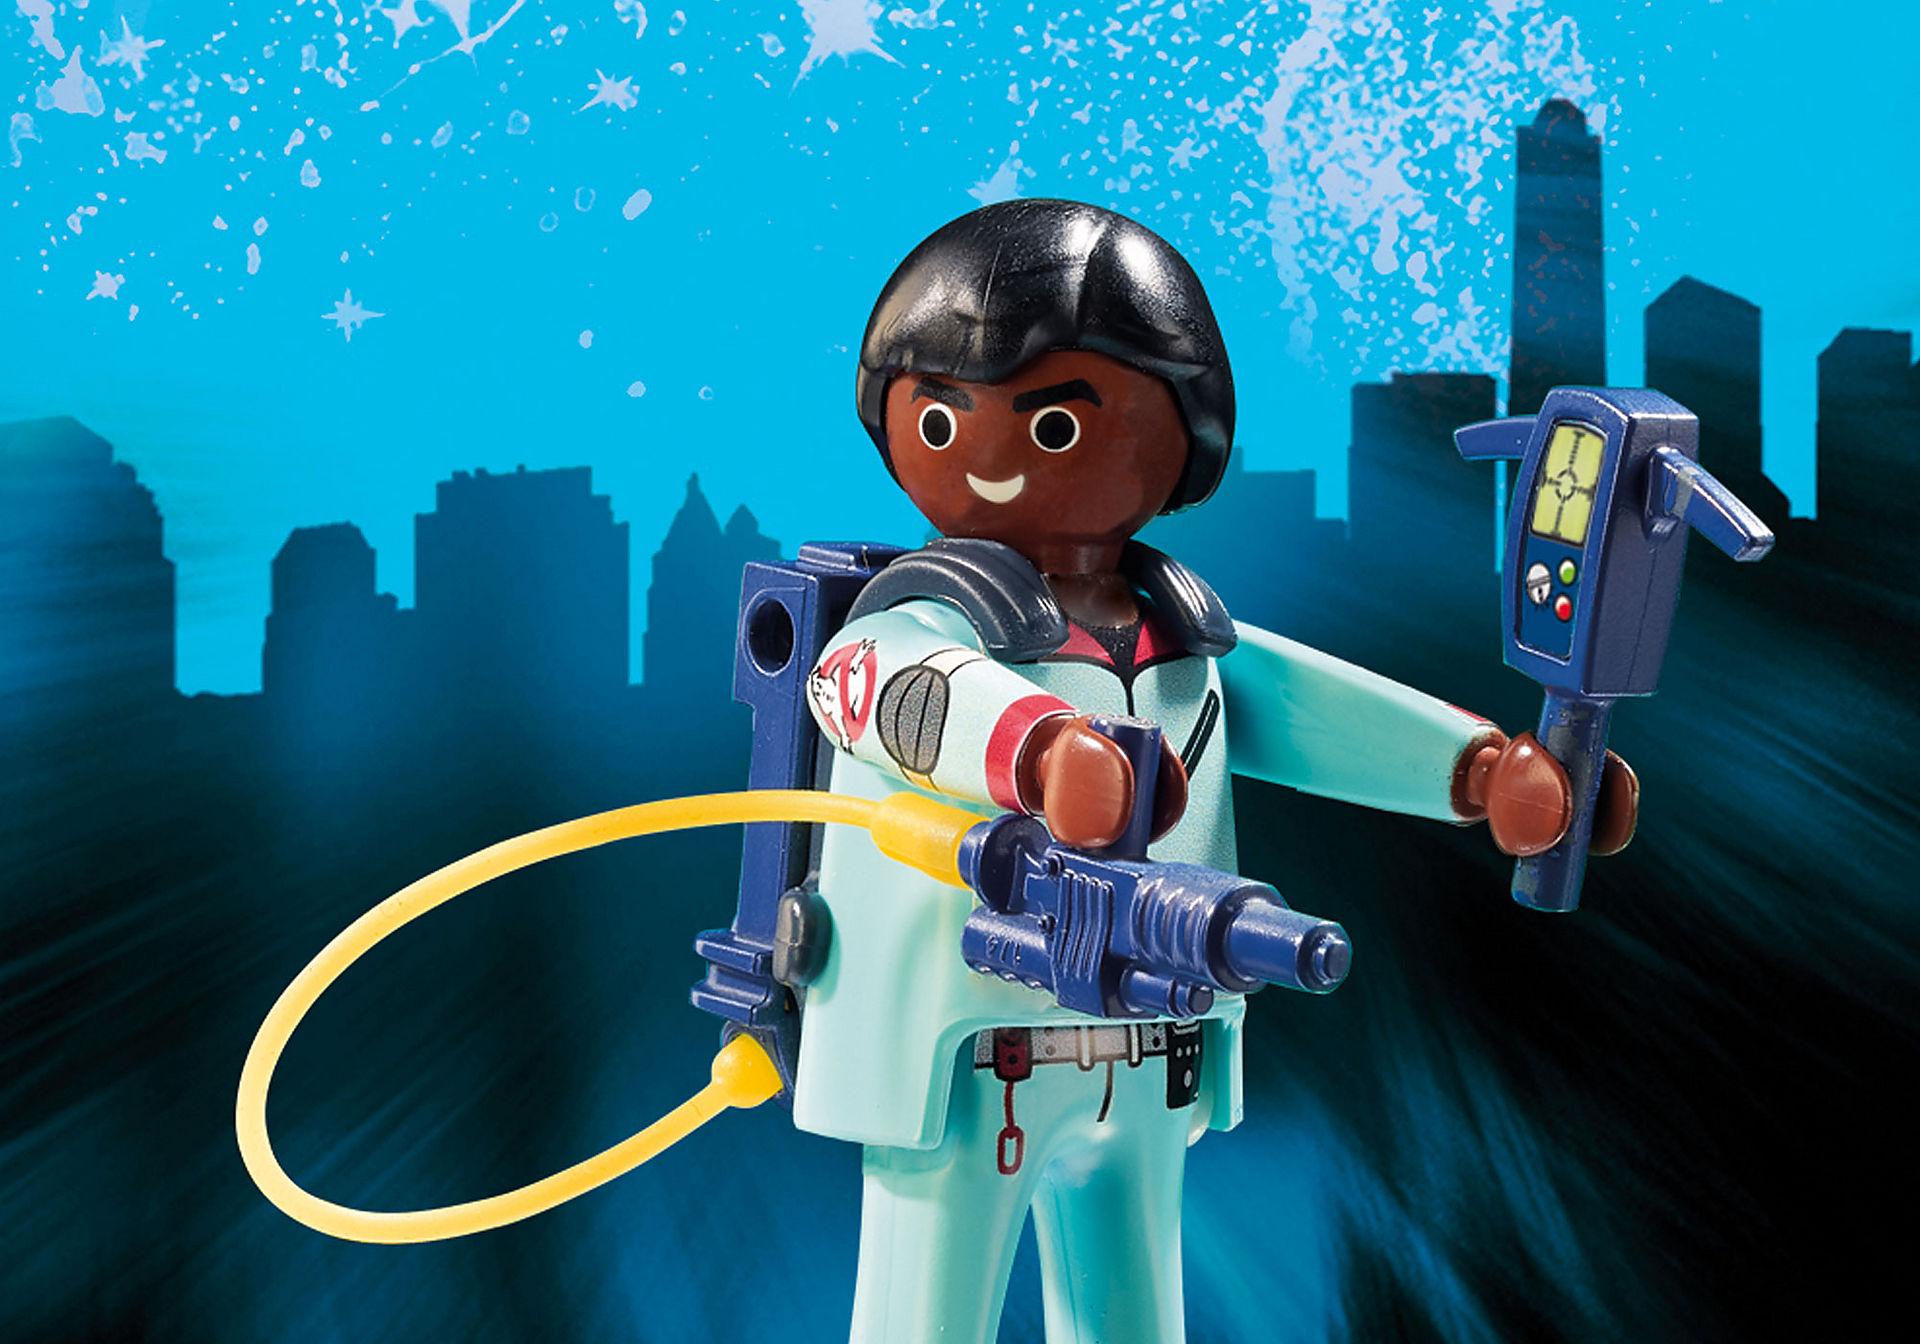 http://media.playmobil.com/i/playmobil/9387_product_extra2/Zeddemore med vattenskoter